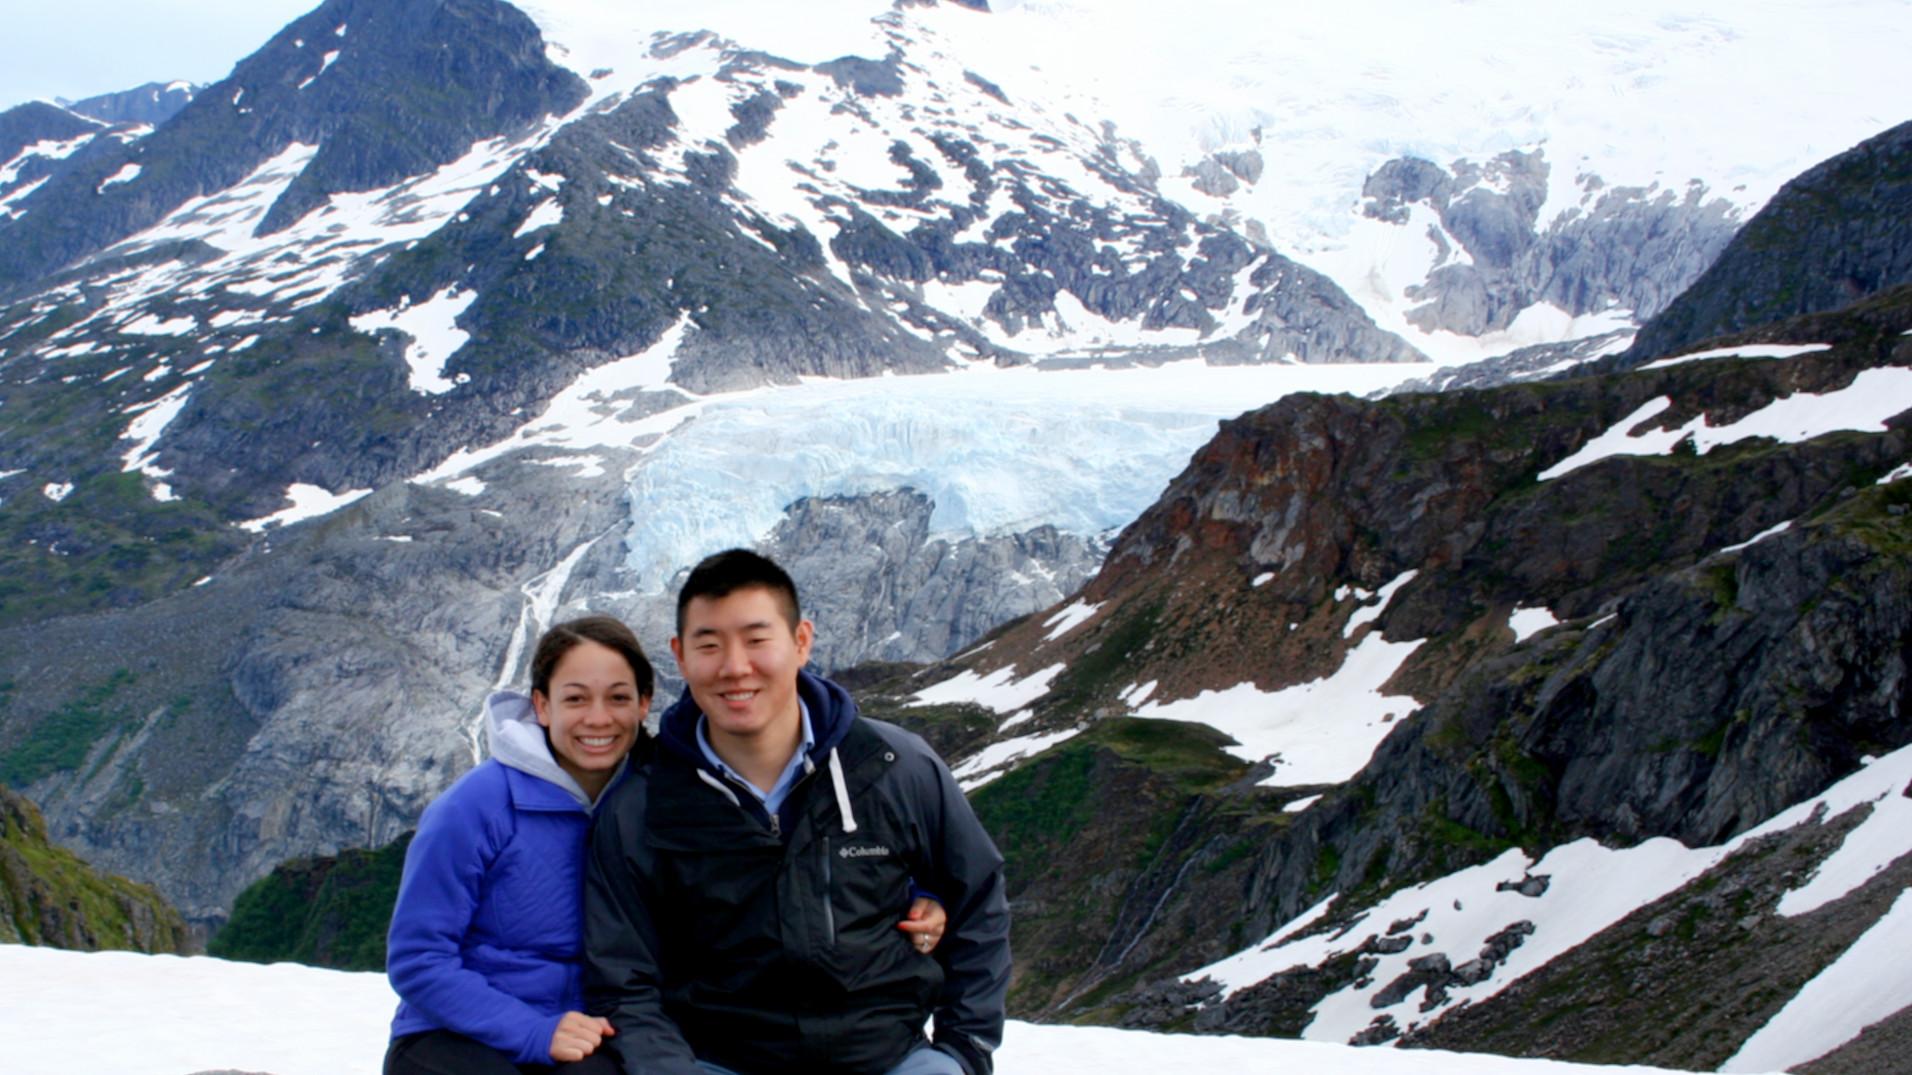 Jessica & Steve on Mendenhall Glacier in Alaska